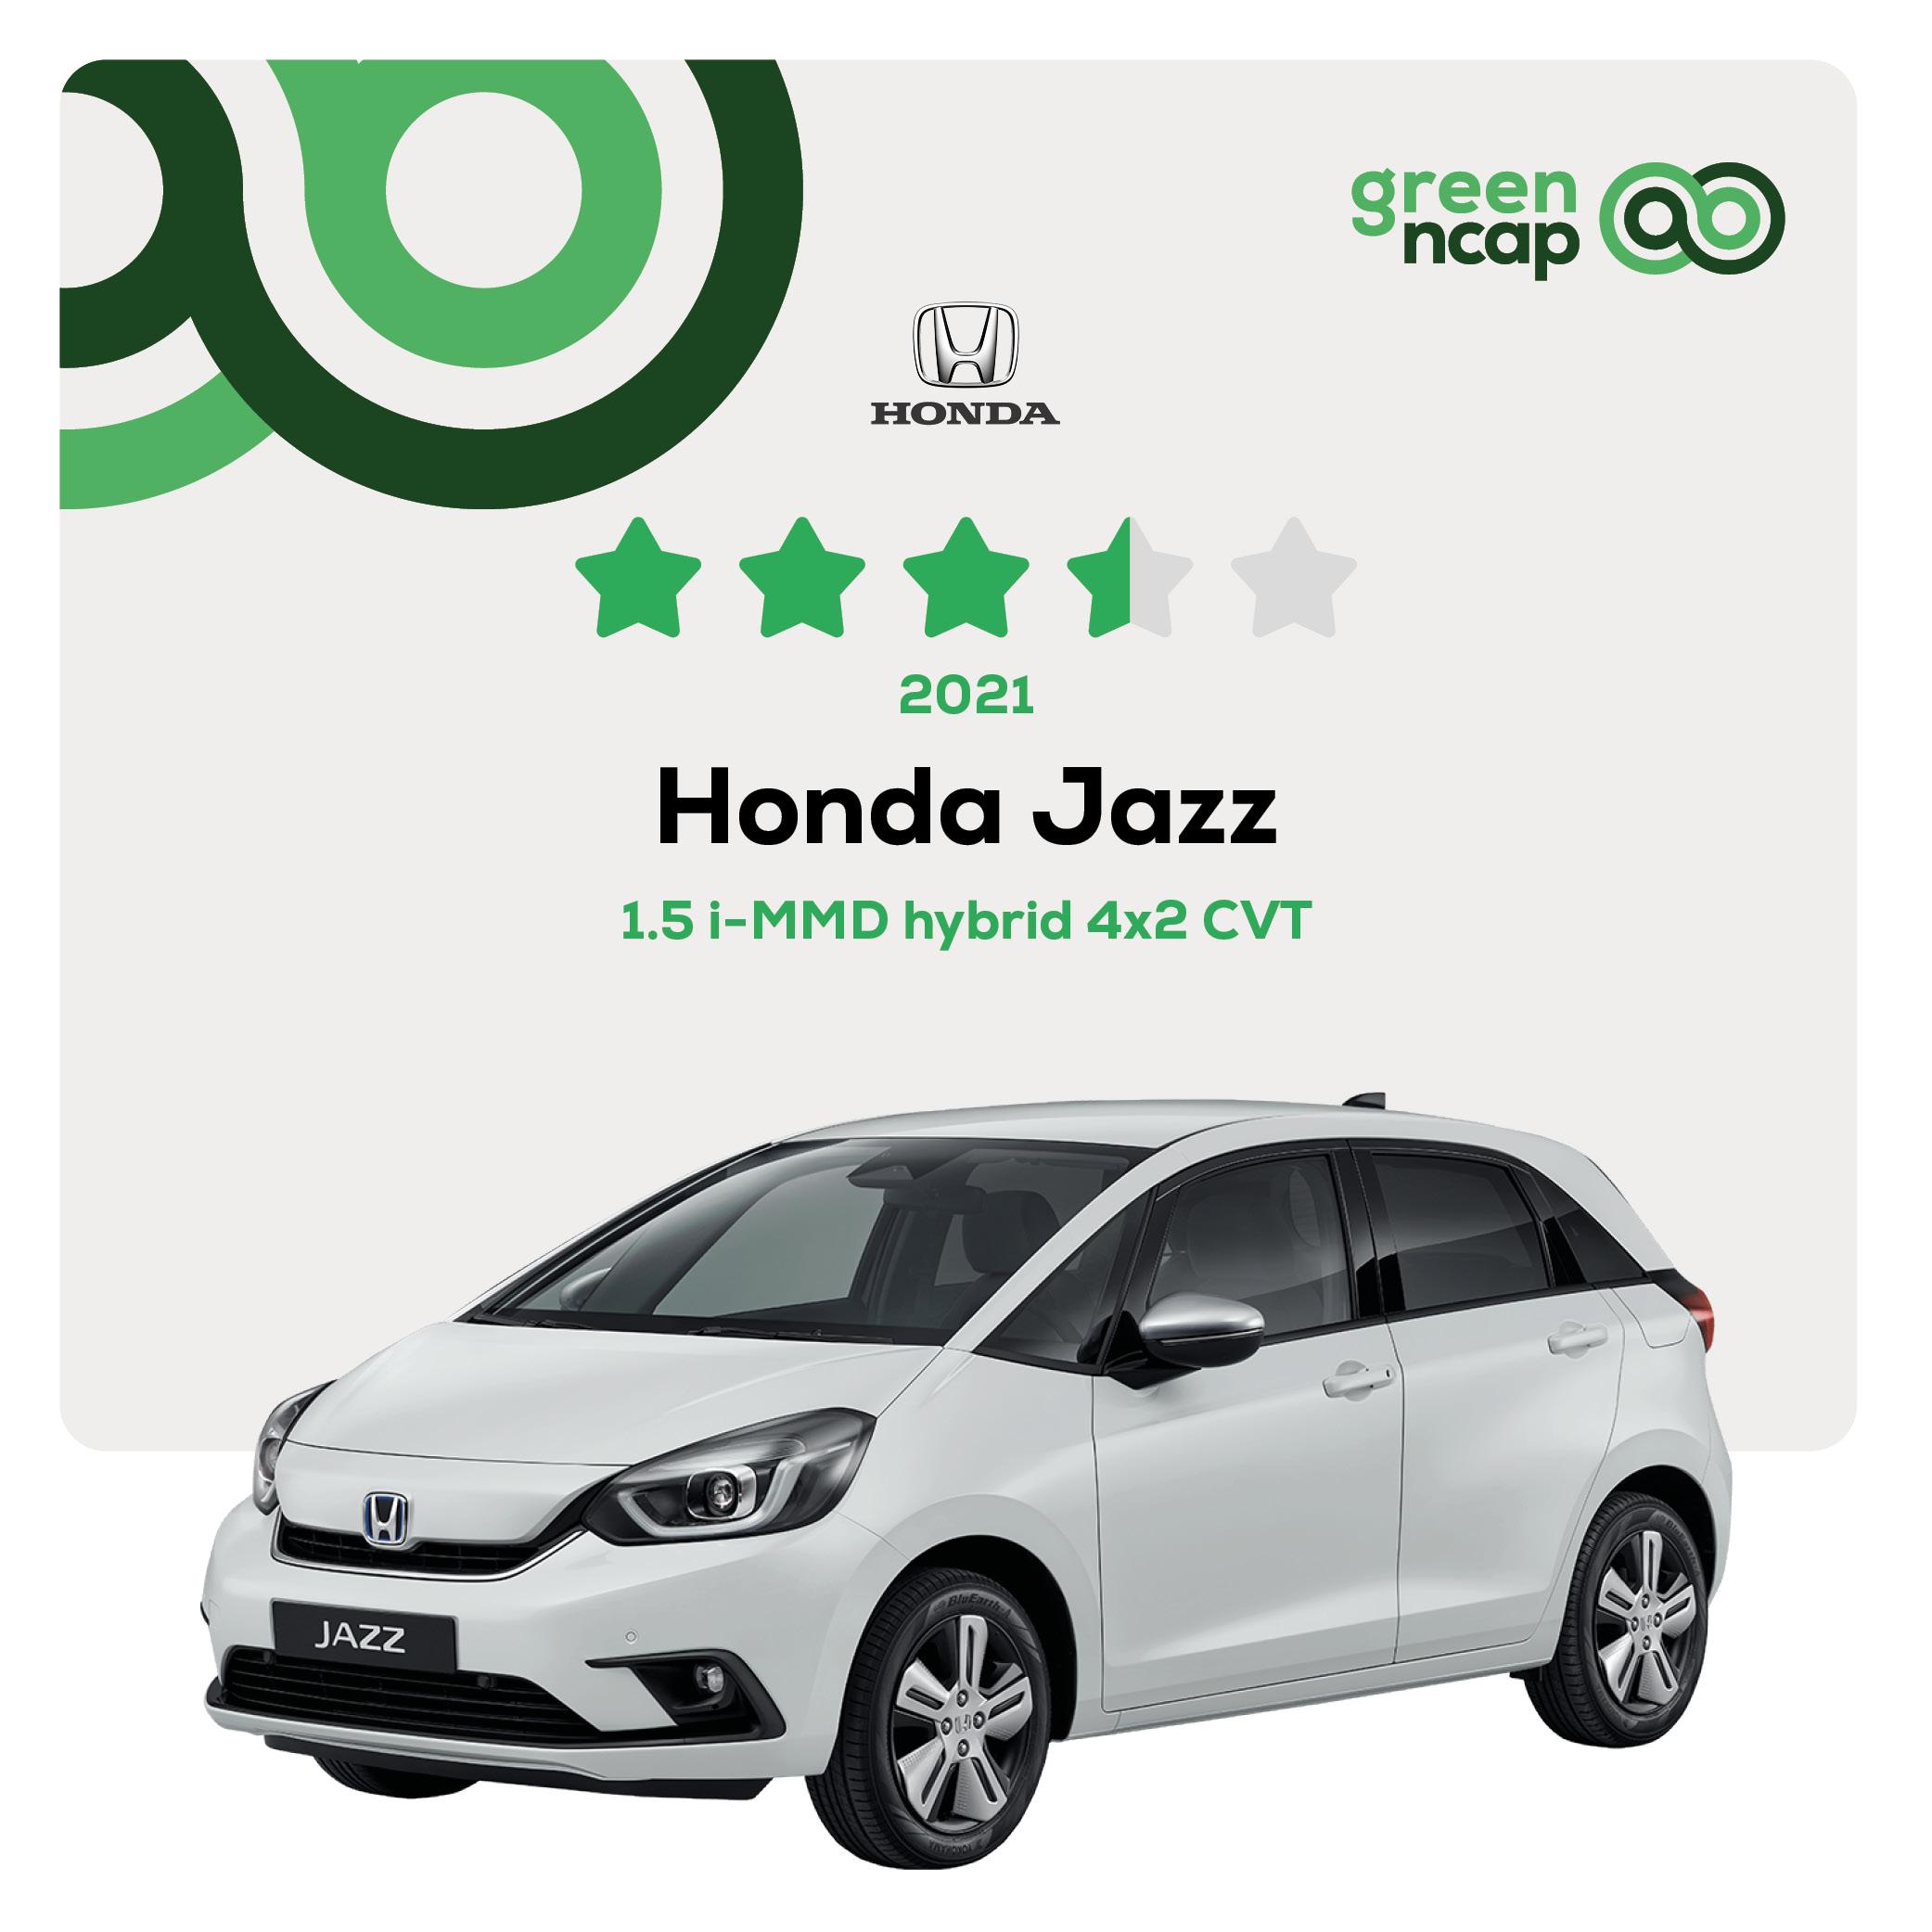 Honda Jazz - Green NCAP Results July 2021 - 3½ stars